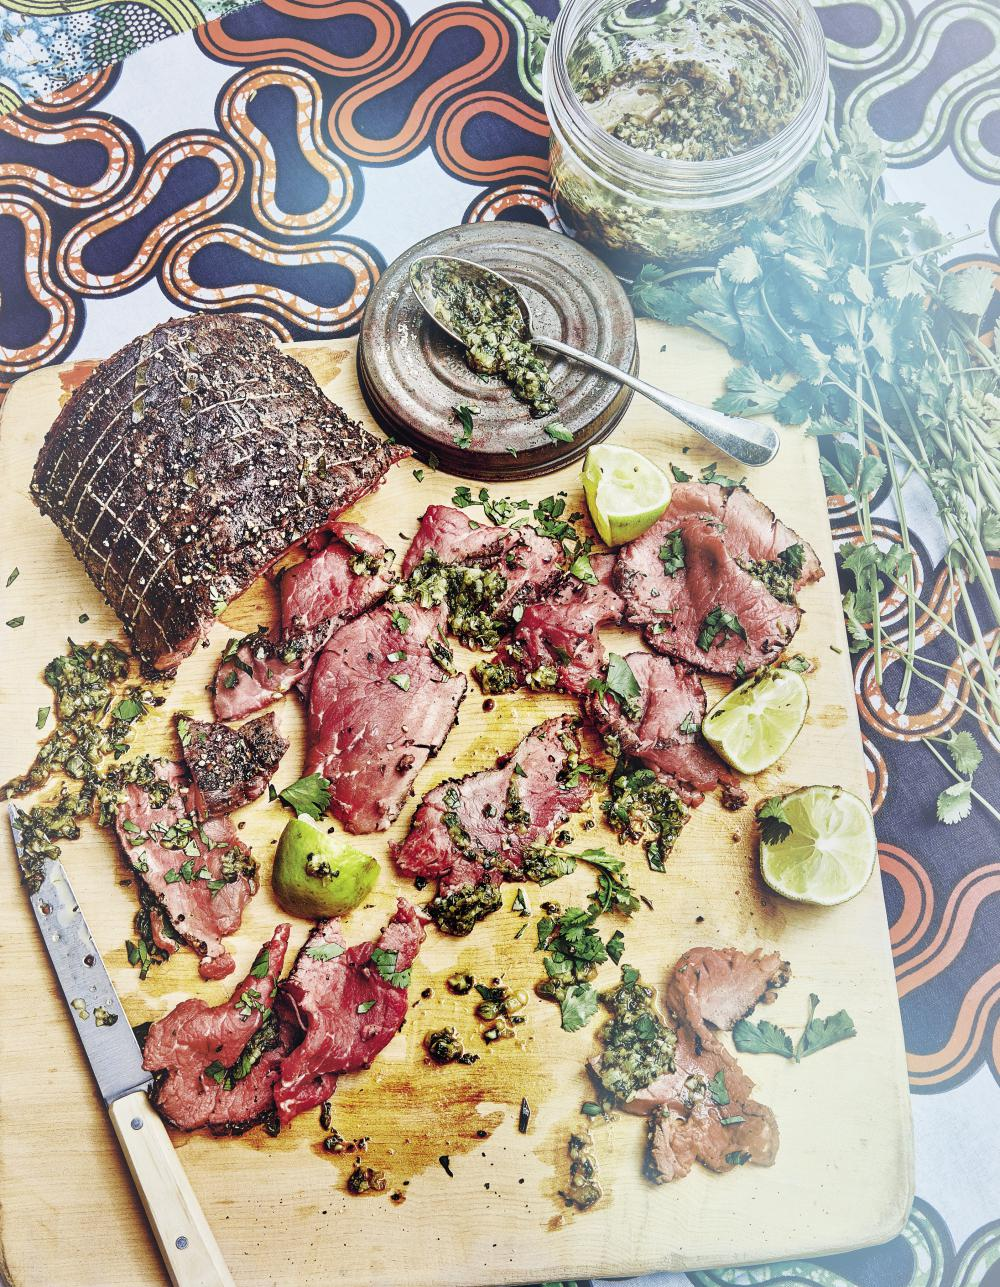 Rôti de bœuf frotté au poivre, sauce chimichurri pour 6 personnes on